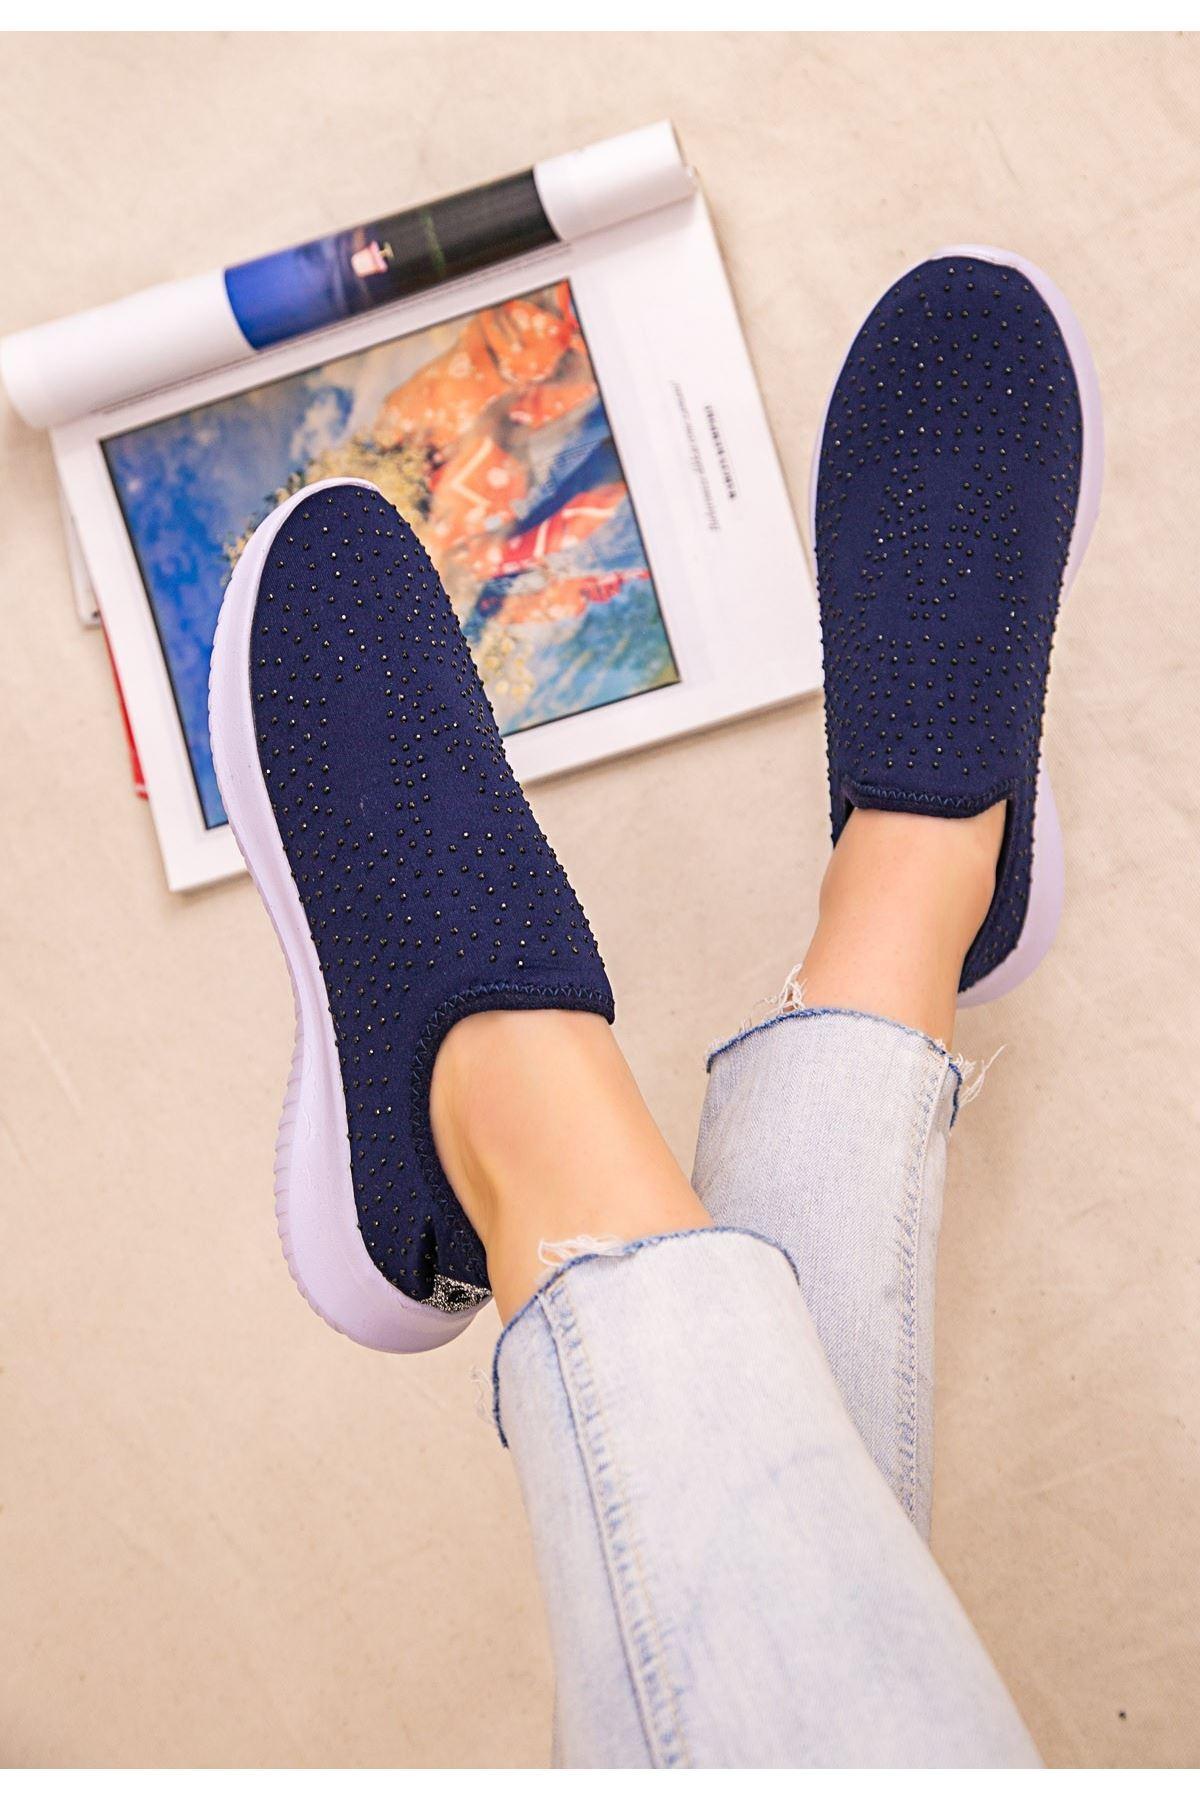 Stin Lacivert Boncuk İşlemeli Spor Ayakkabı